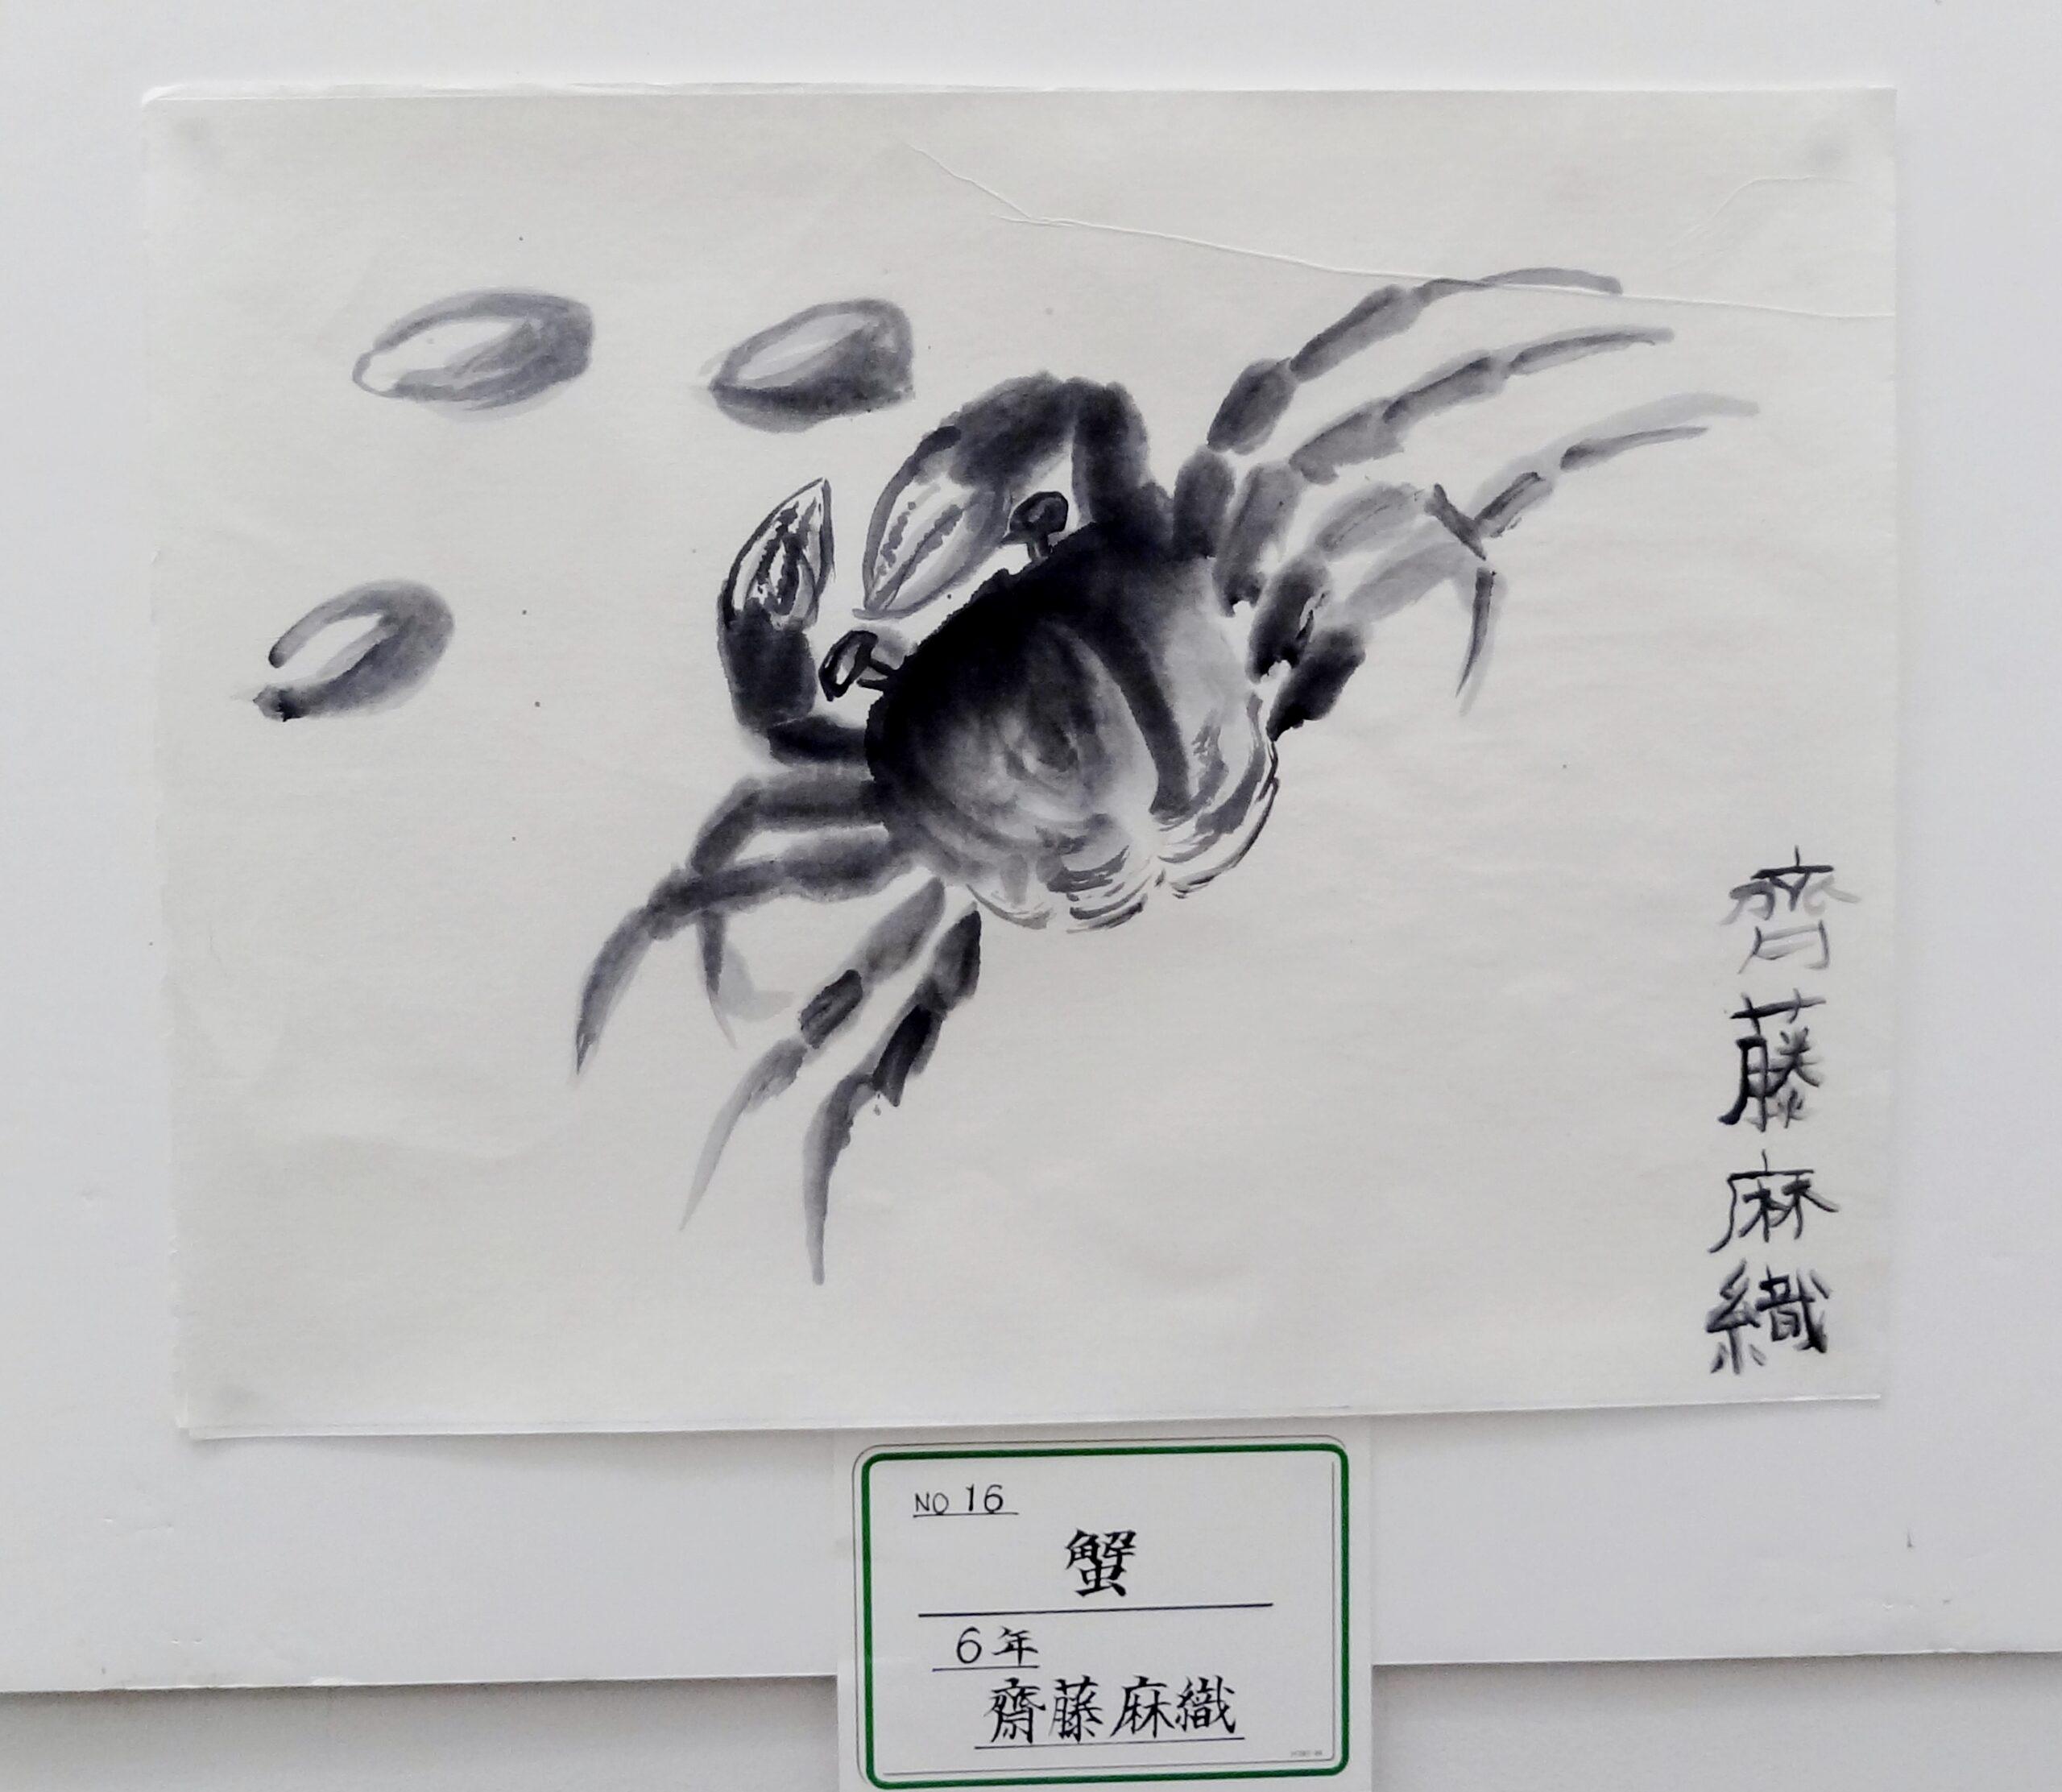 夢の丘小生作品 松尾先生指導 第60回現水展